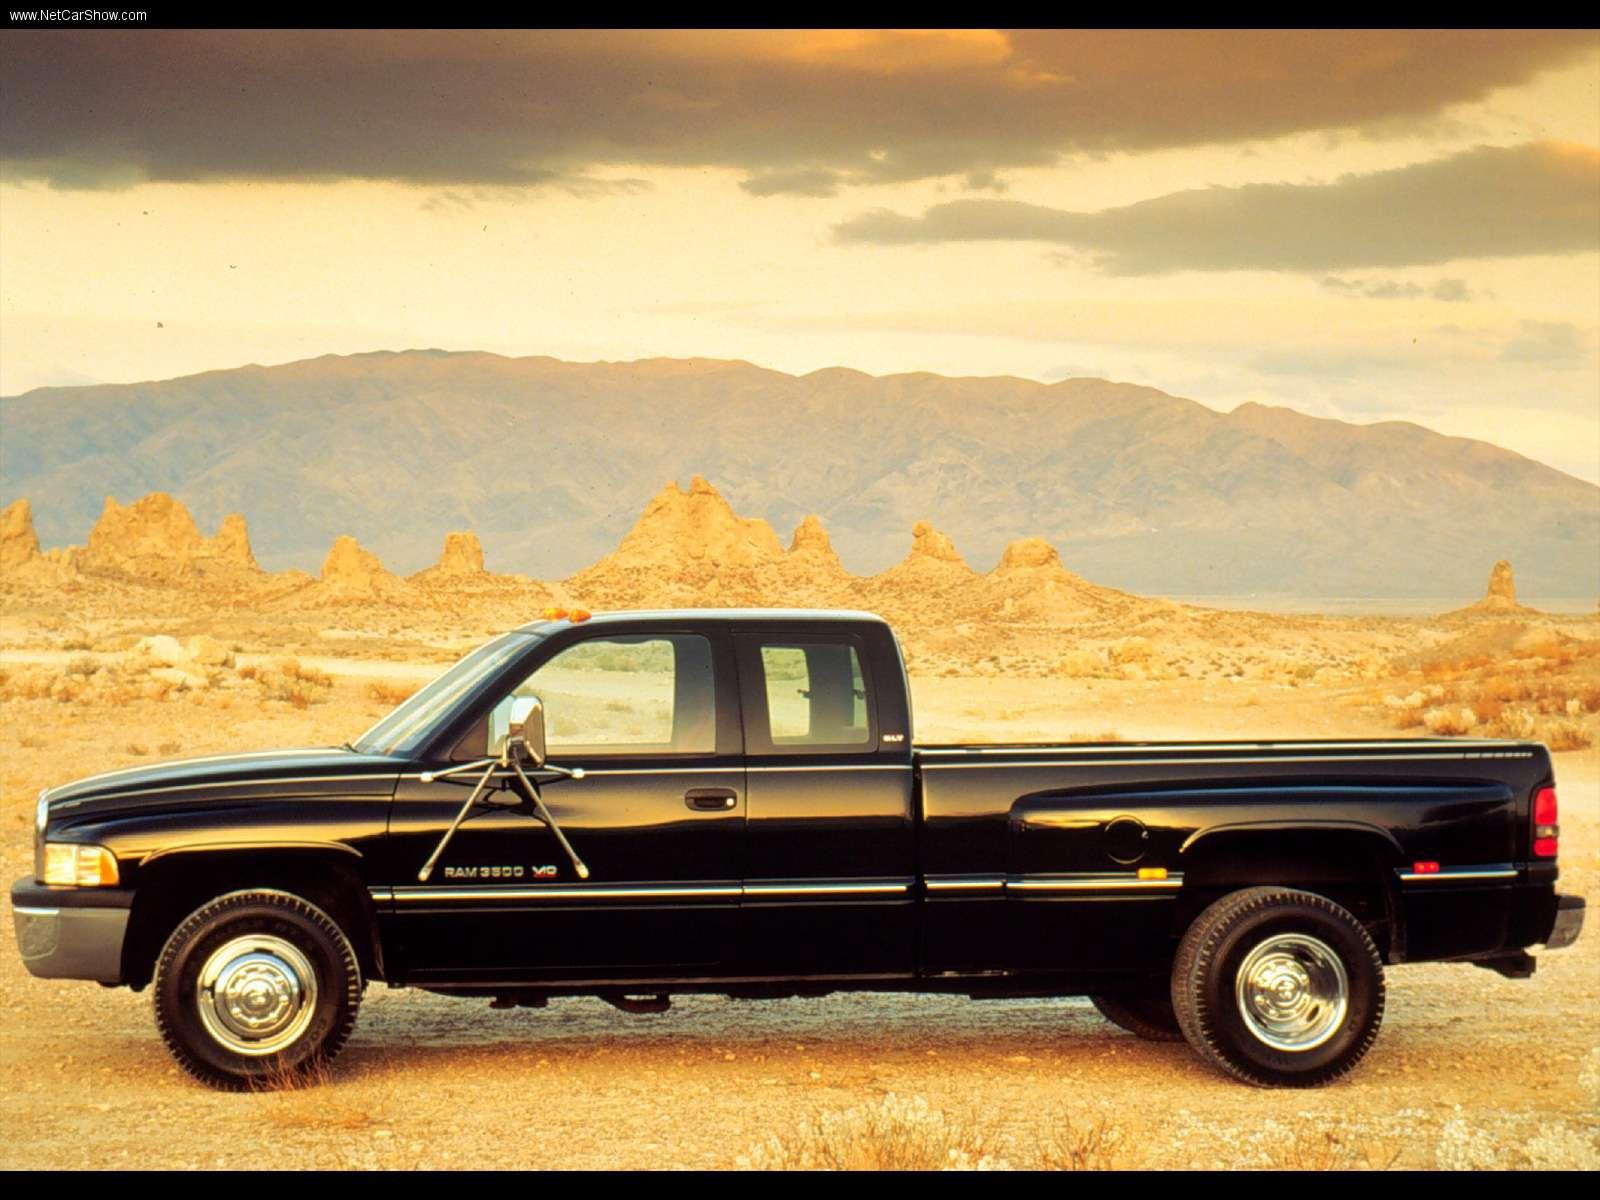 Dodge Wallpapers Ram 3500 1996